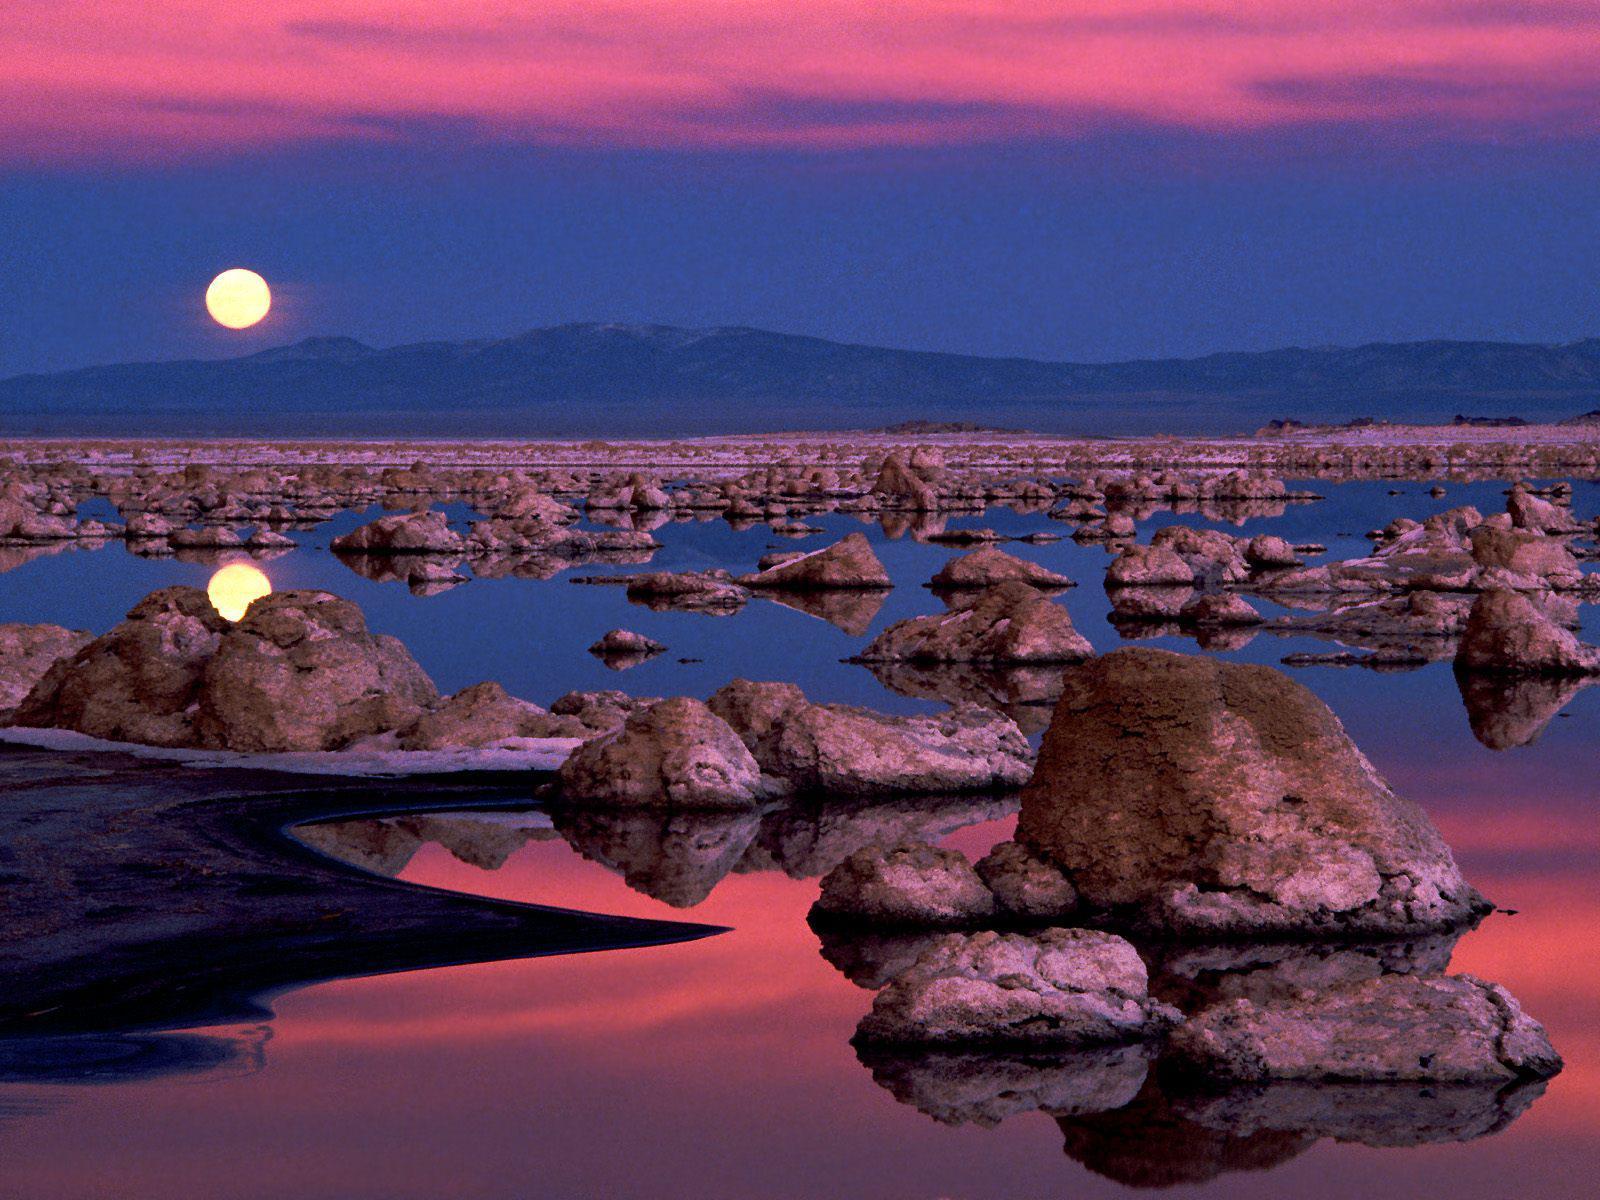 Sfondi dei paesaggi pi belli del mondo for Sfondilandia mare